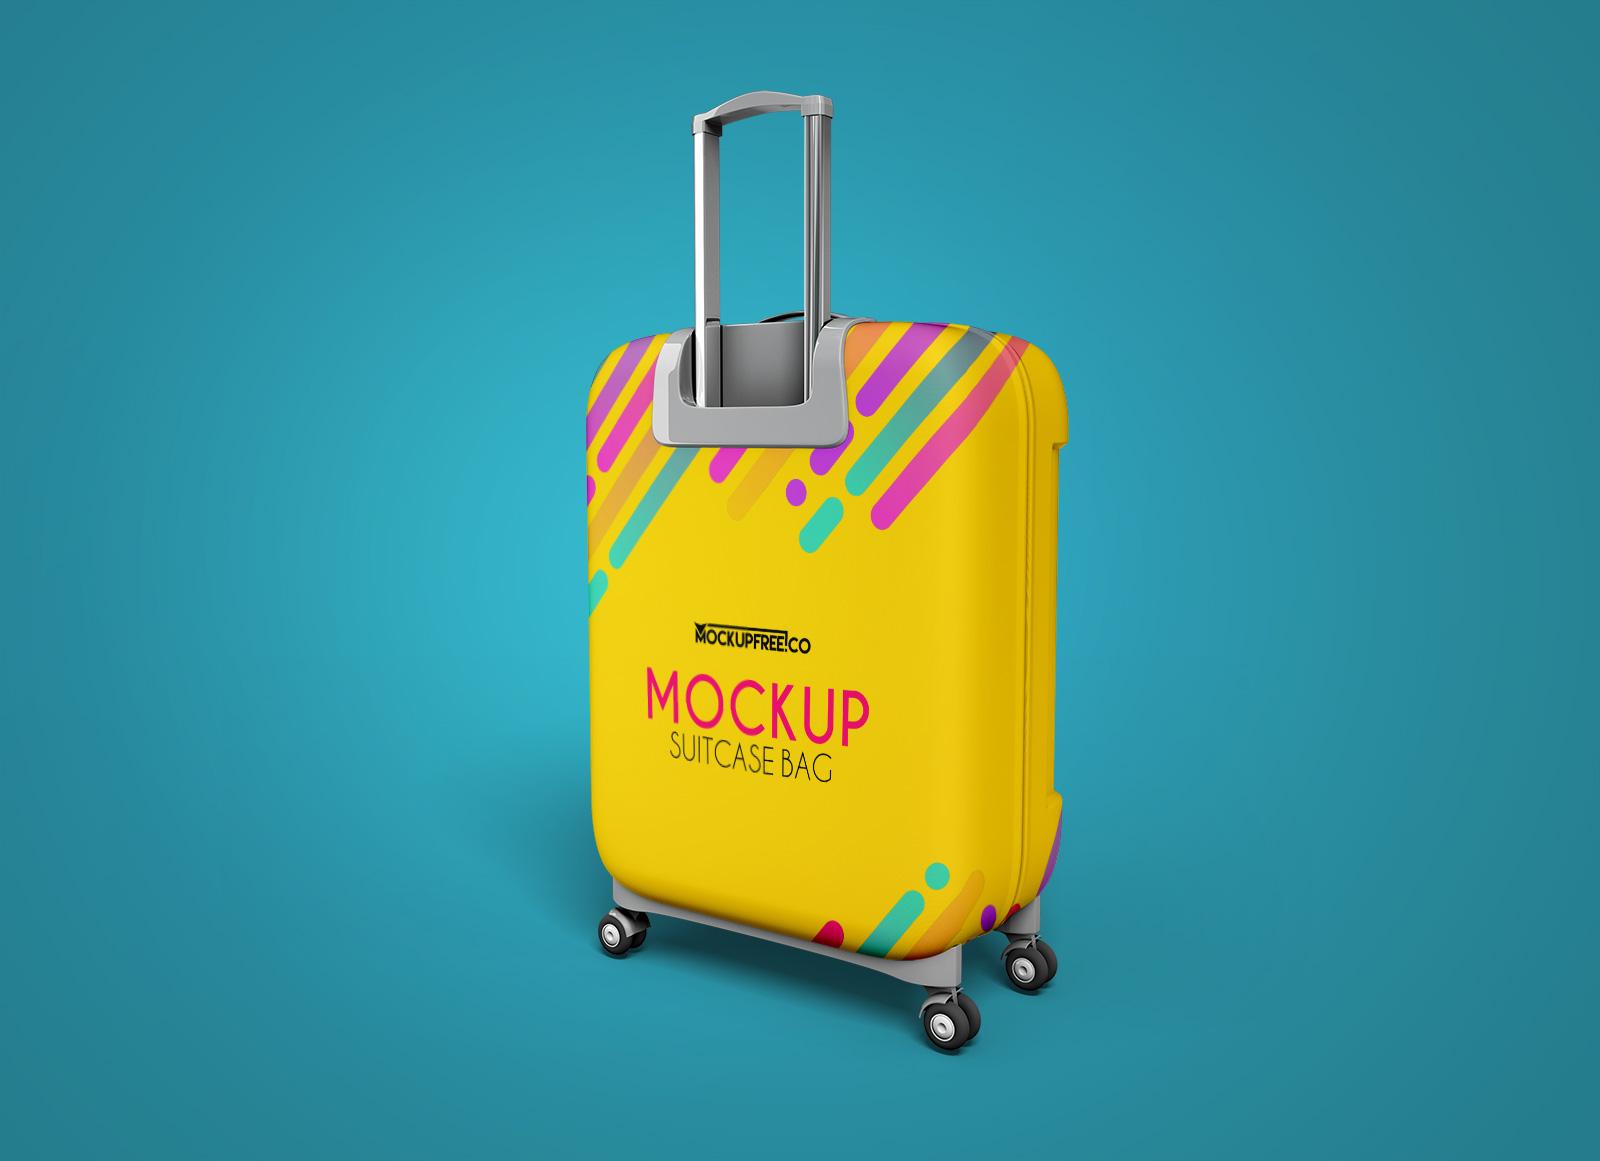 Free-Travel-Suitcase-Luggage-Bag-Mockup-PSD-Set-3